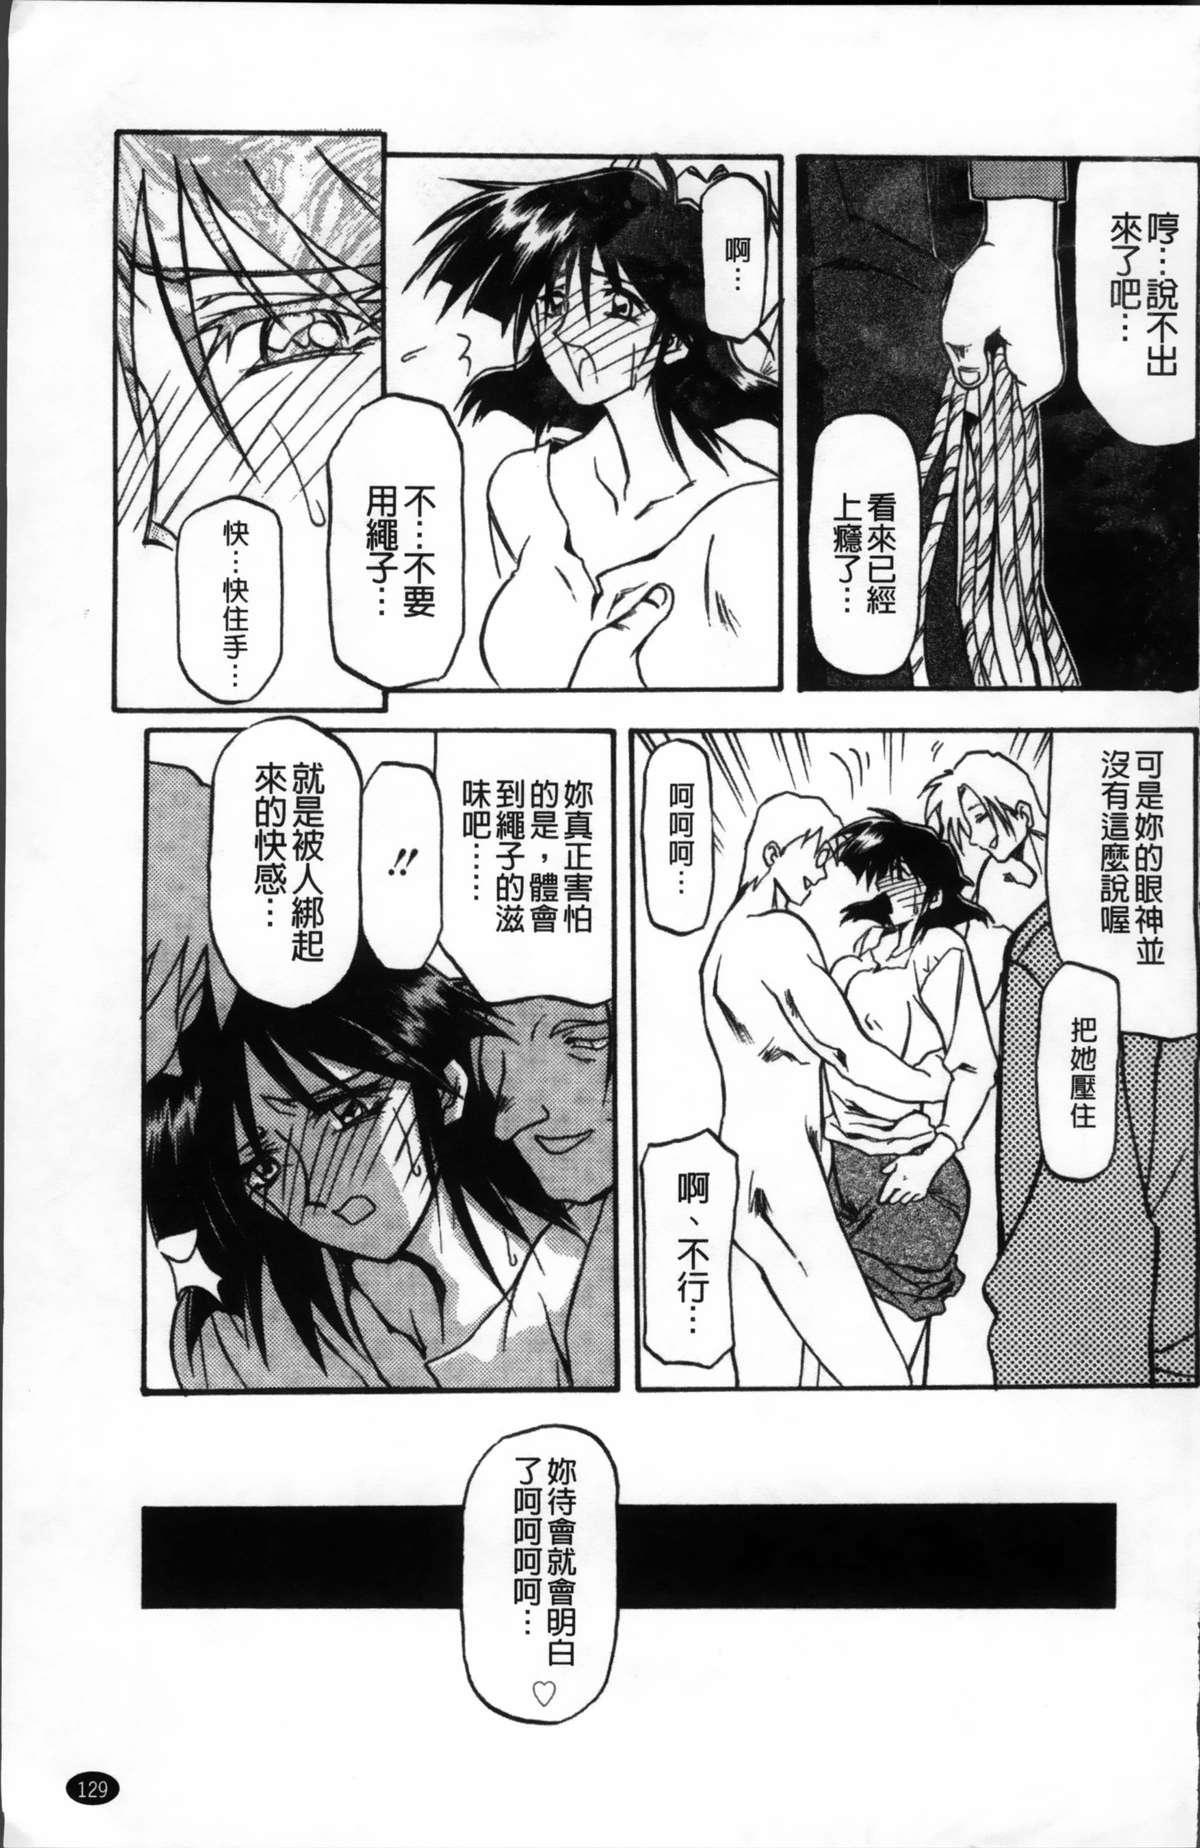 Hiiro no Koku Kanzenban   緋色之刻 完全版 132